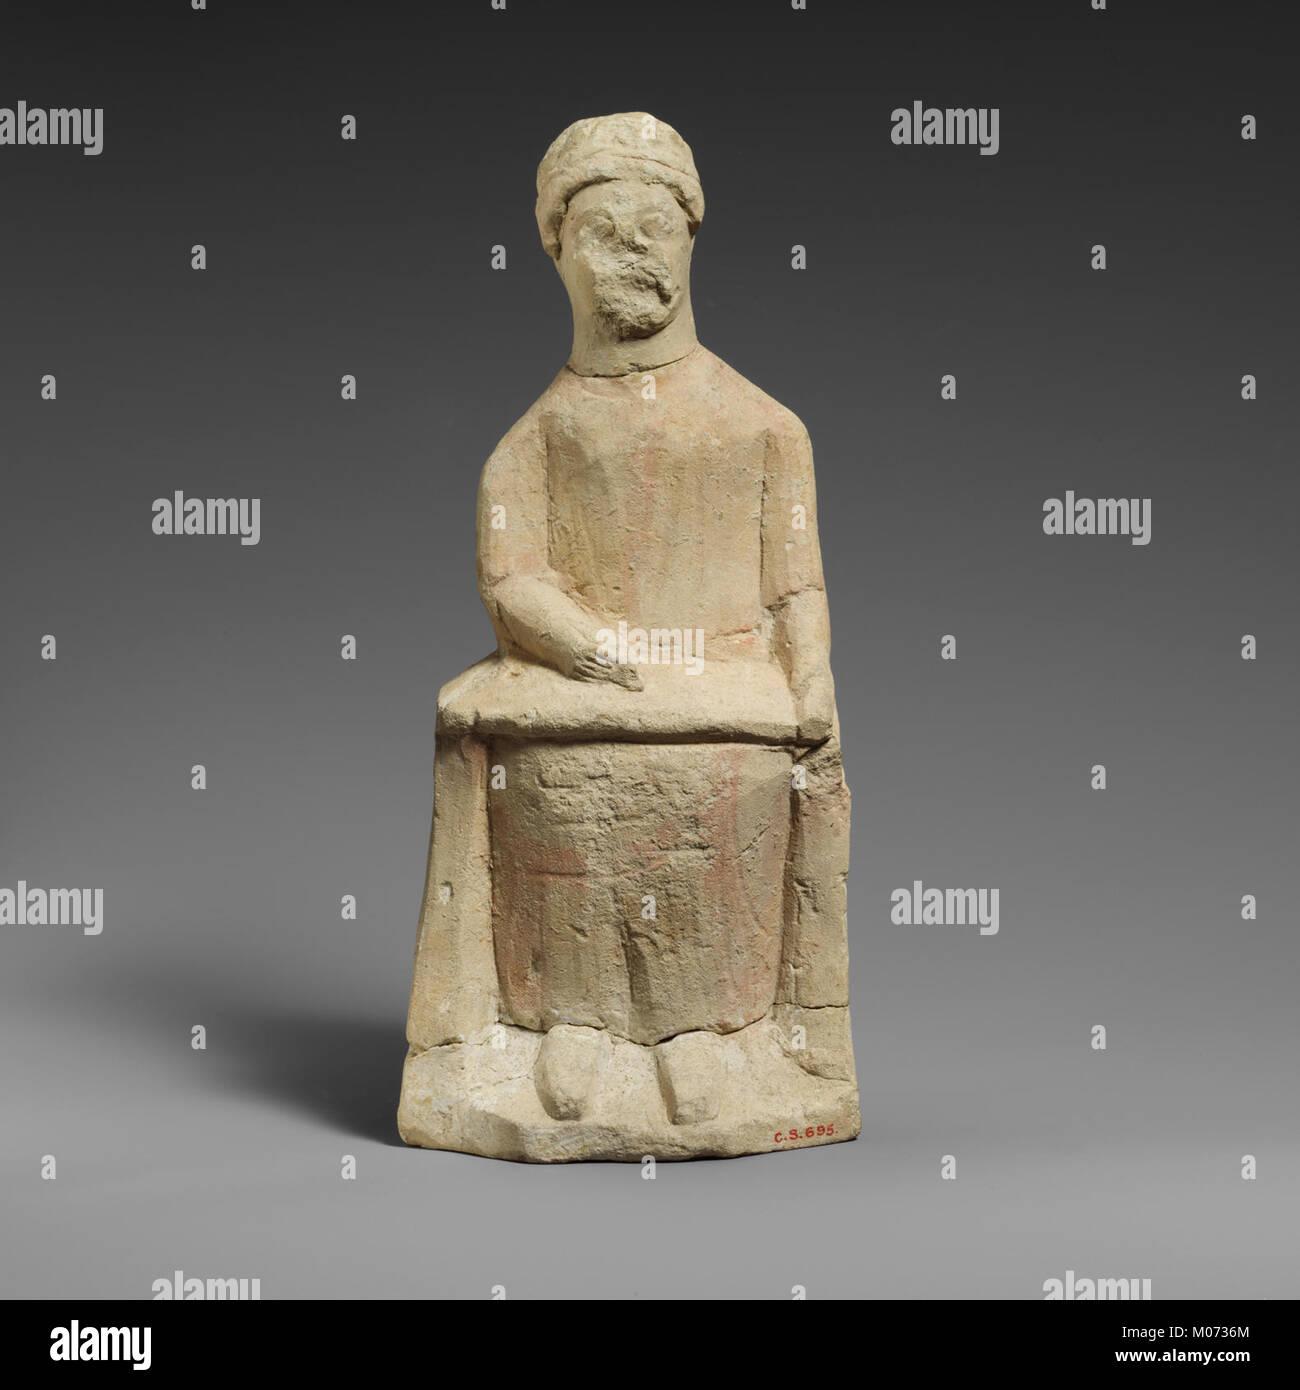 Statuette en pierre calcaire d'un homme imberbe votary assis sur un rouleau d'écriture rencontré DP160659 Banque D'Images